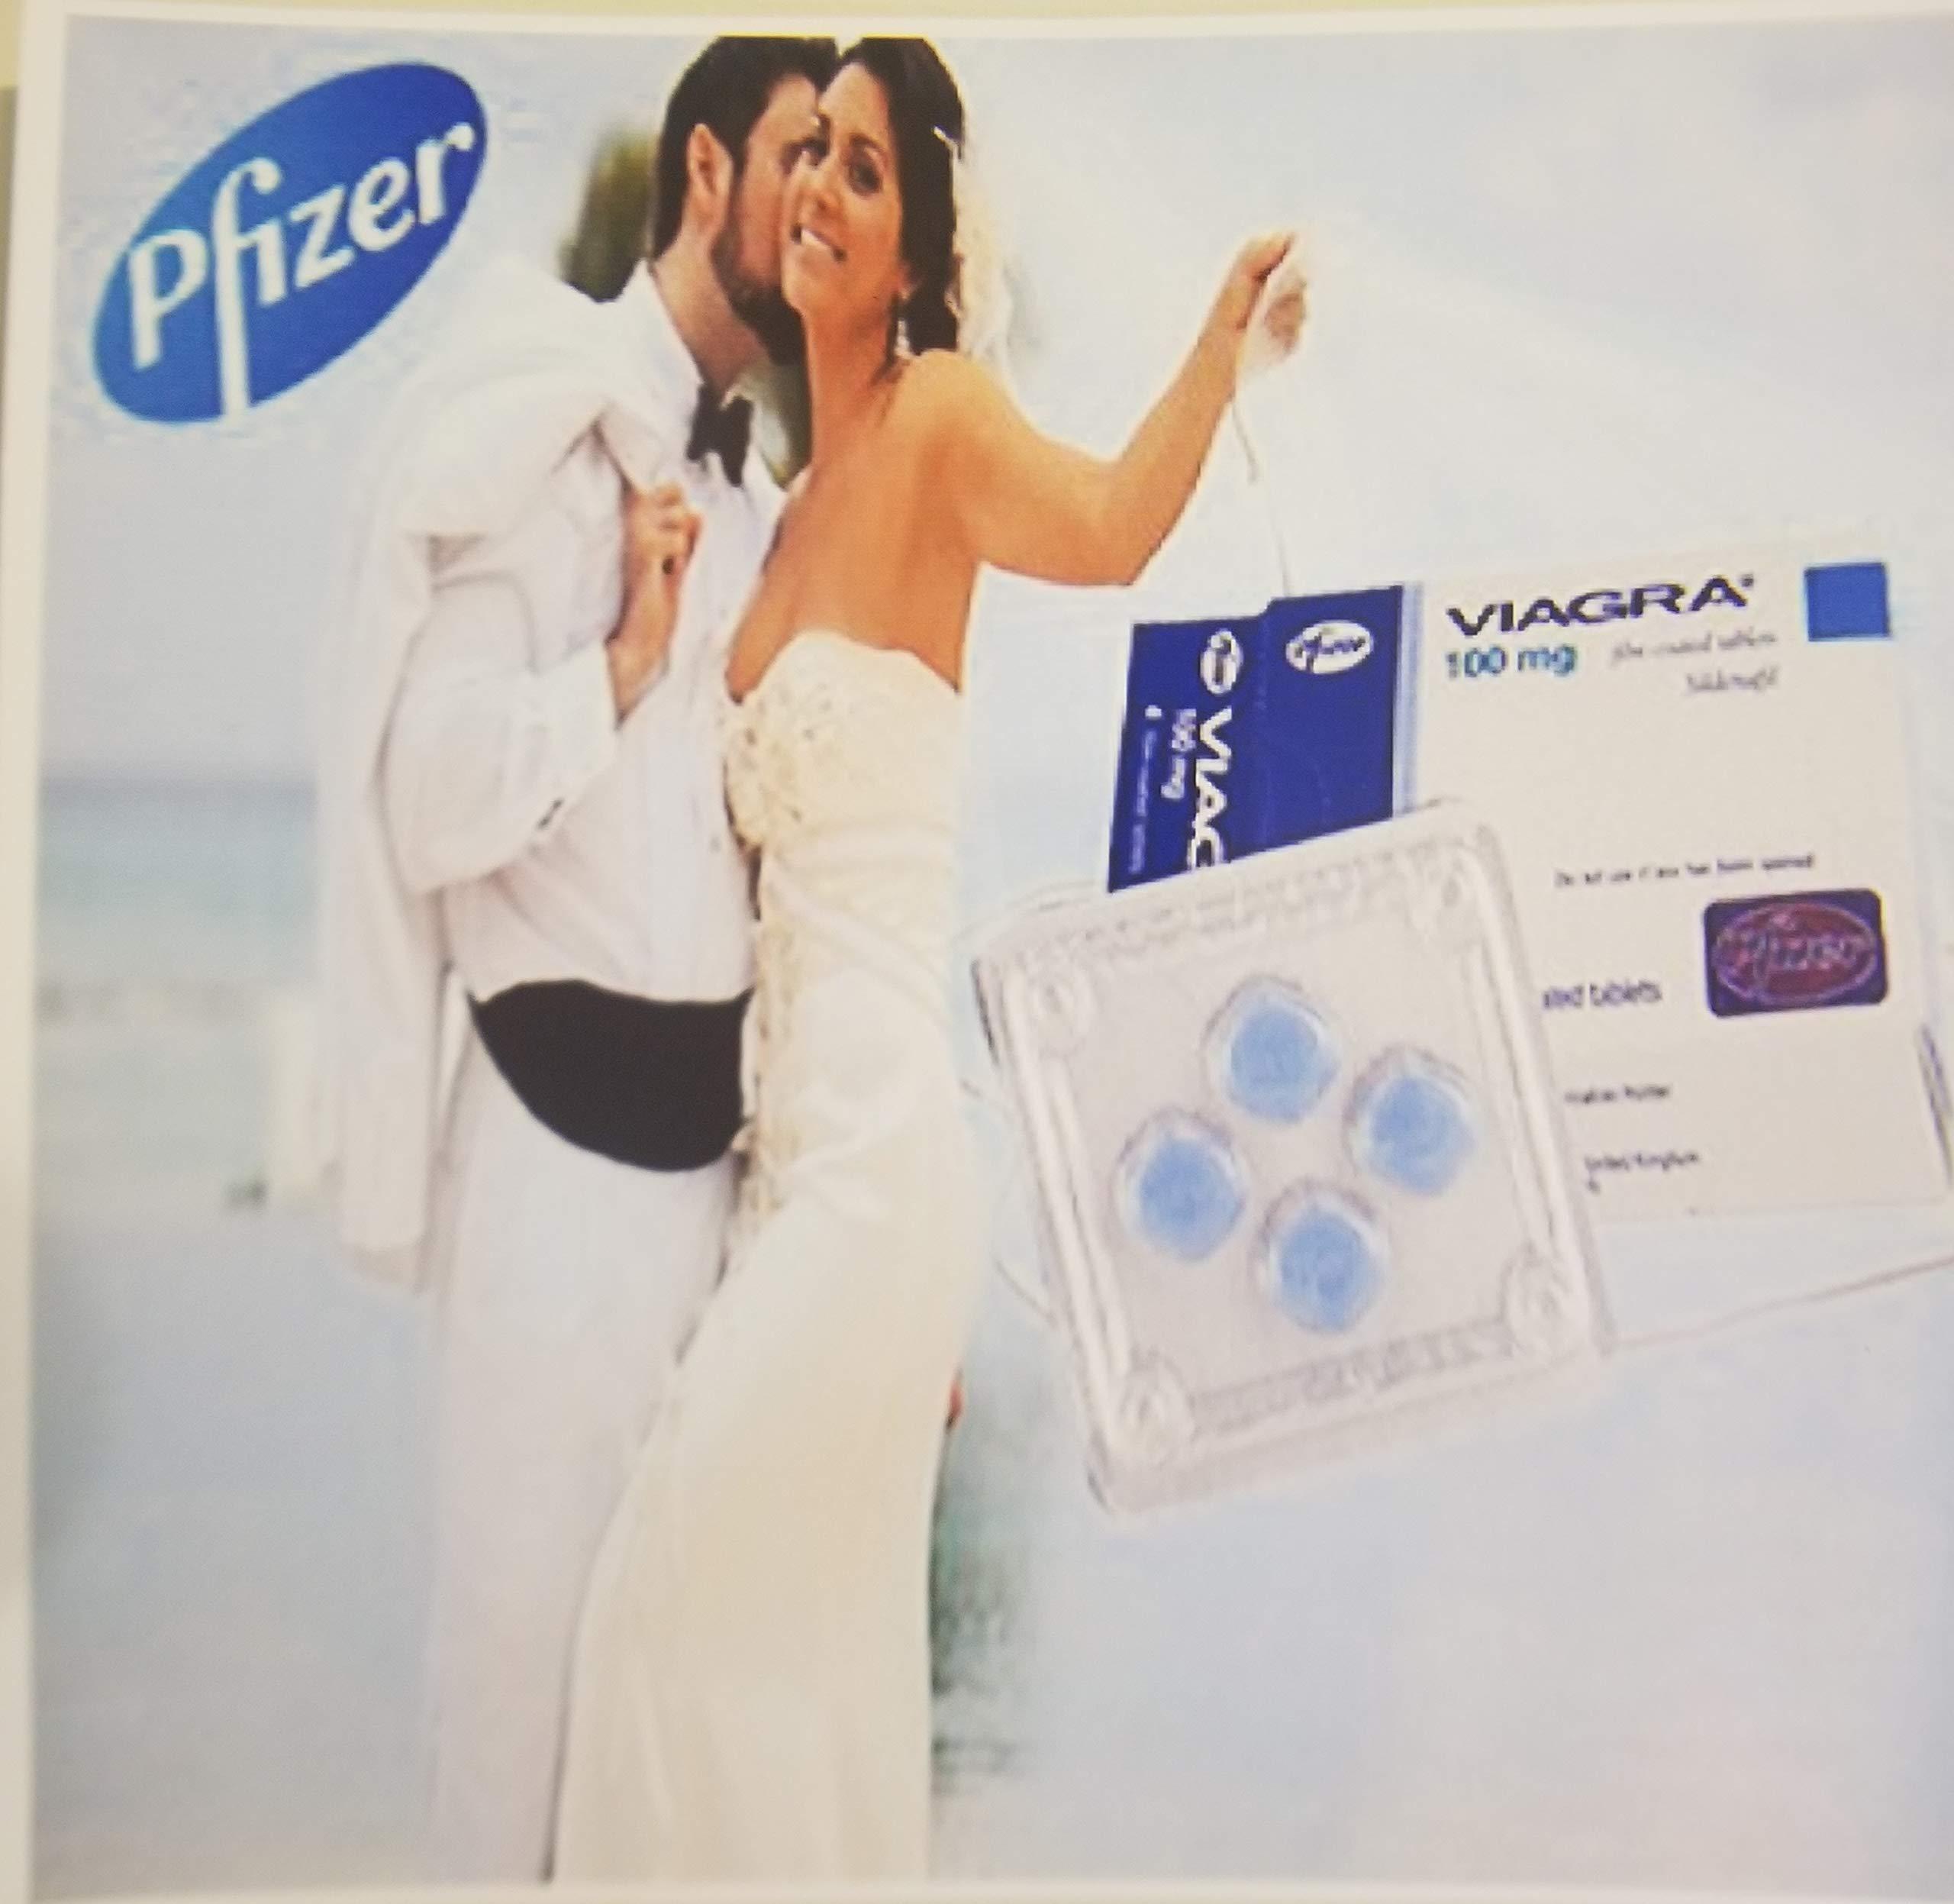 CnC Products 10 Pack Viagra Mens 100mg Pill Print